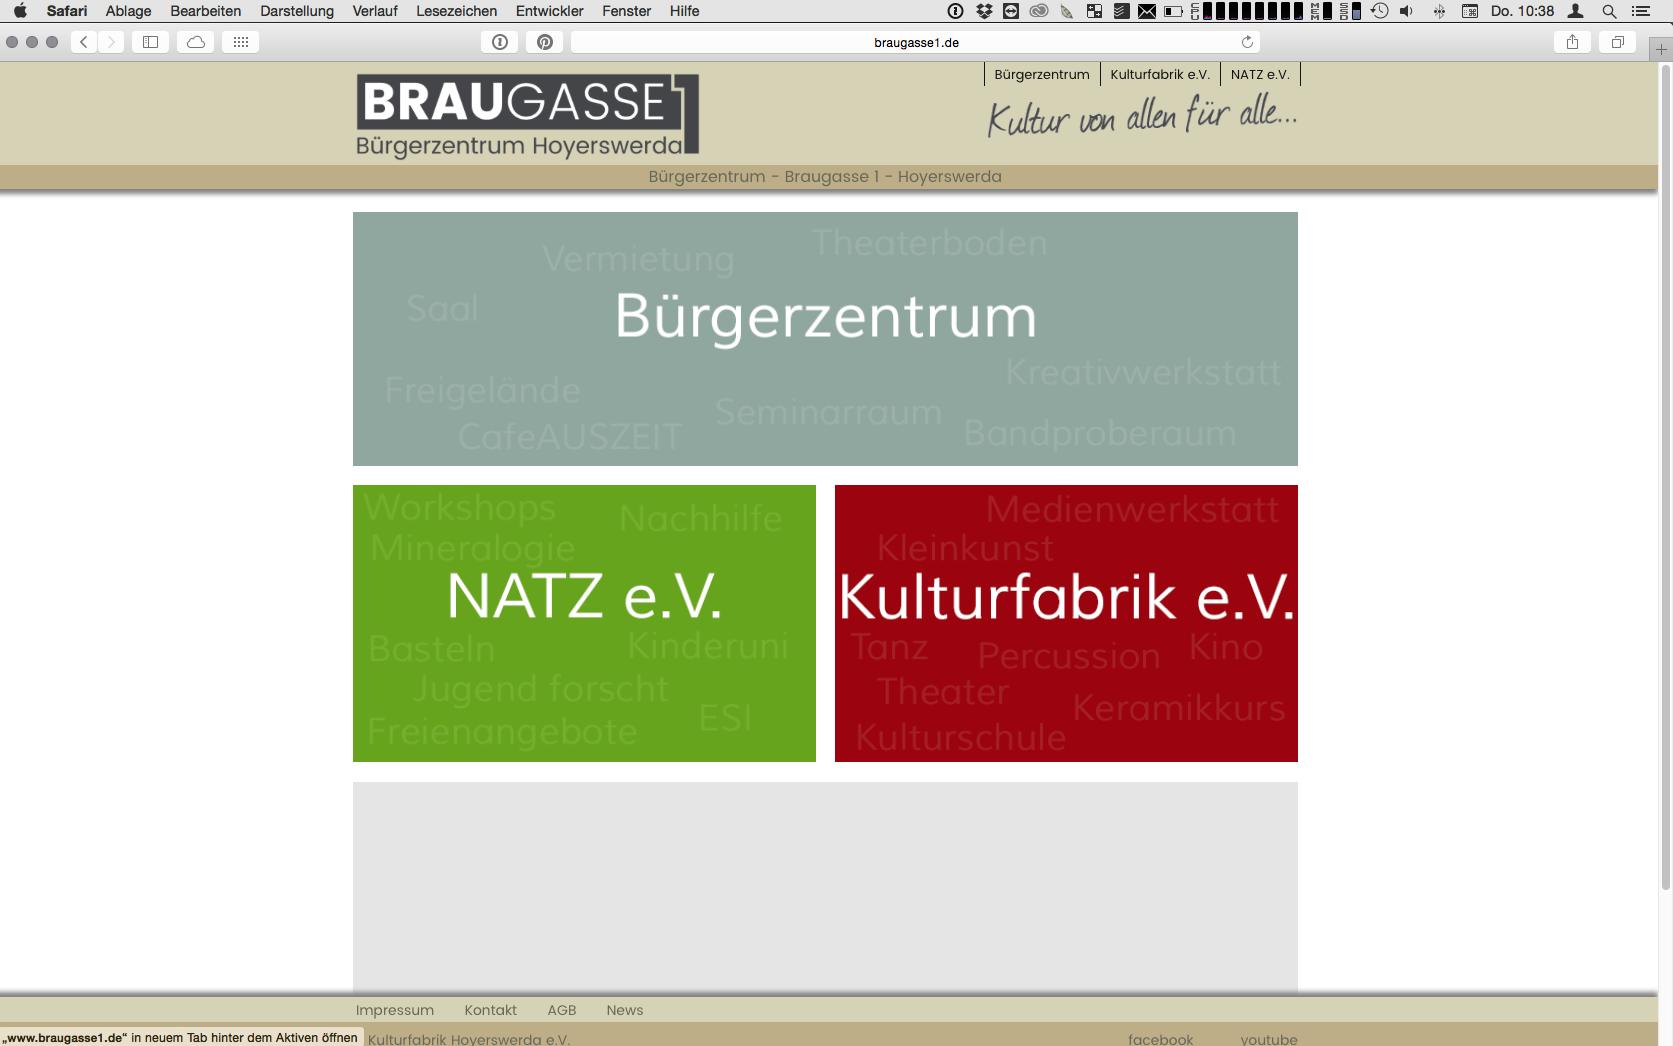 www.braugasse1.de Webseite für das Bürgerzentrum in Hoyerswerda